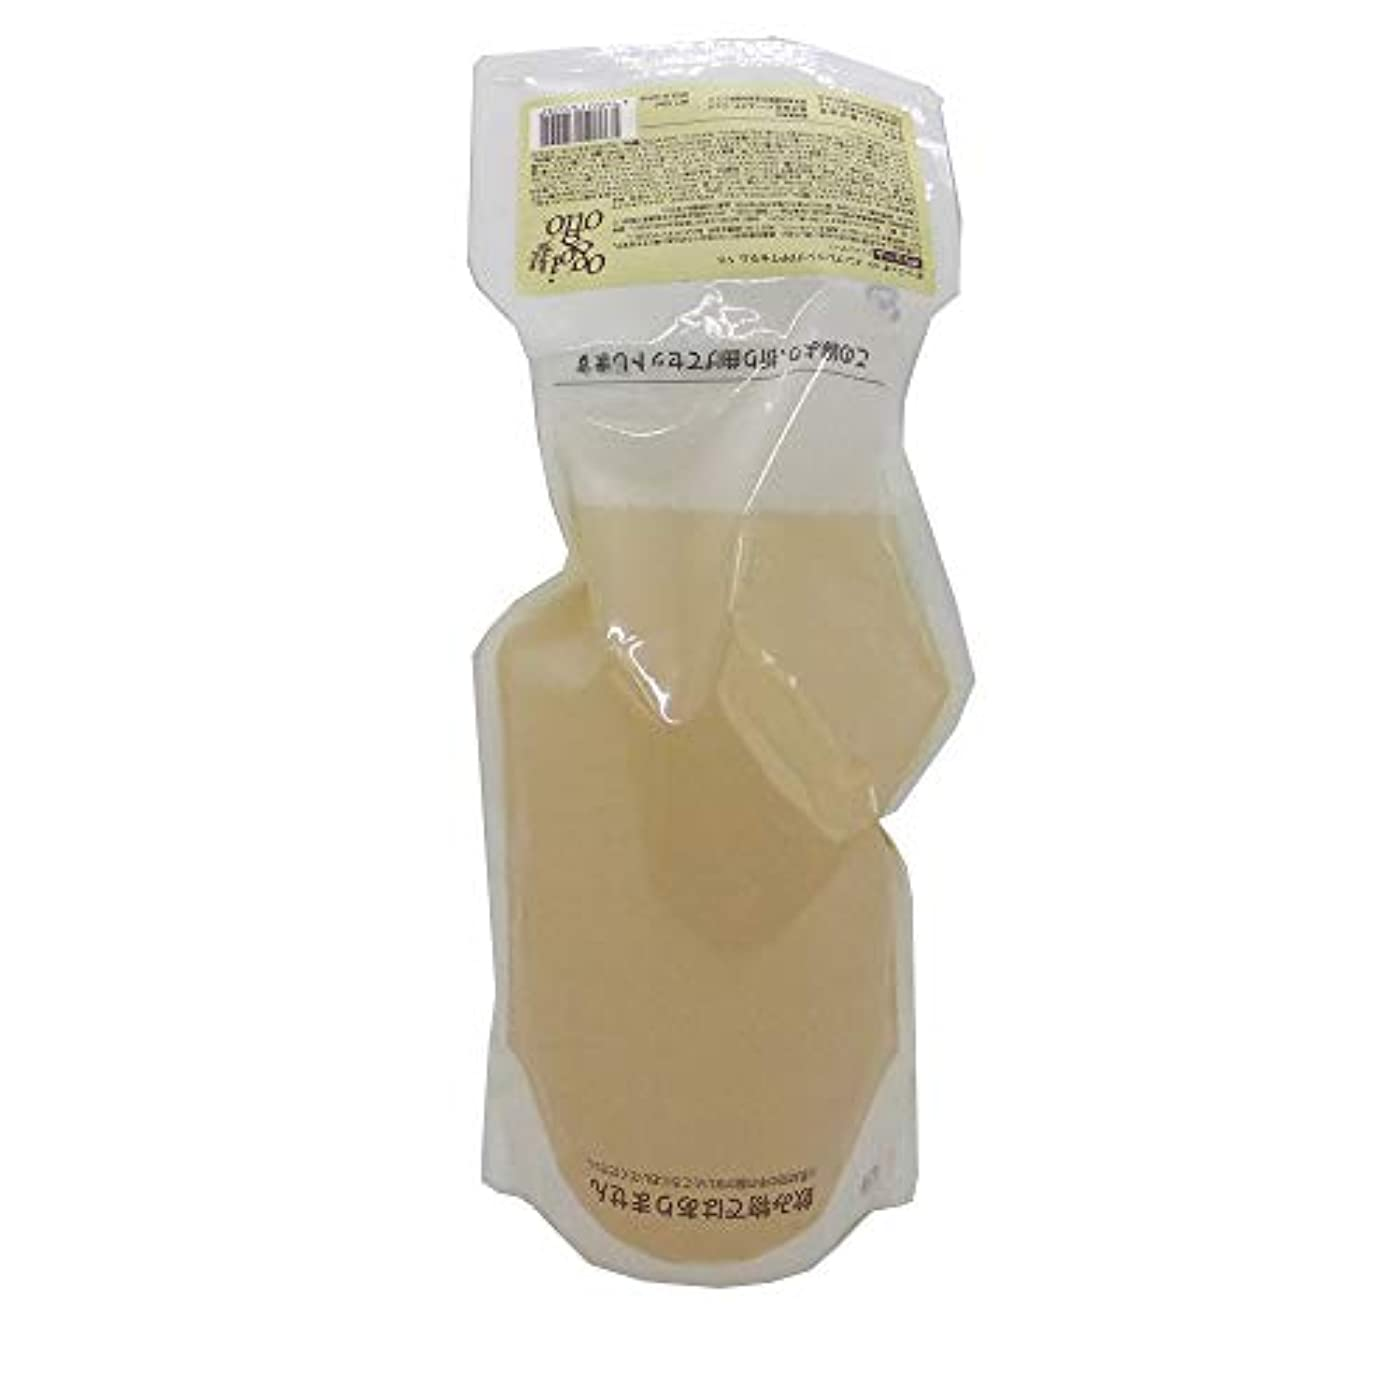 注釈を付けるくすぐったいシャンパンオッジィオット インプレッシブPPTセラム VS[ボリューム]レフィル (700ml)